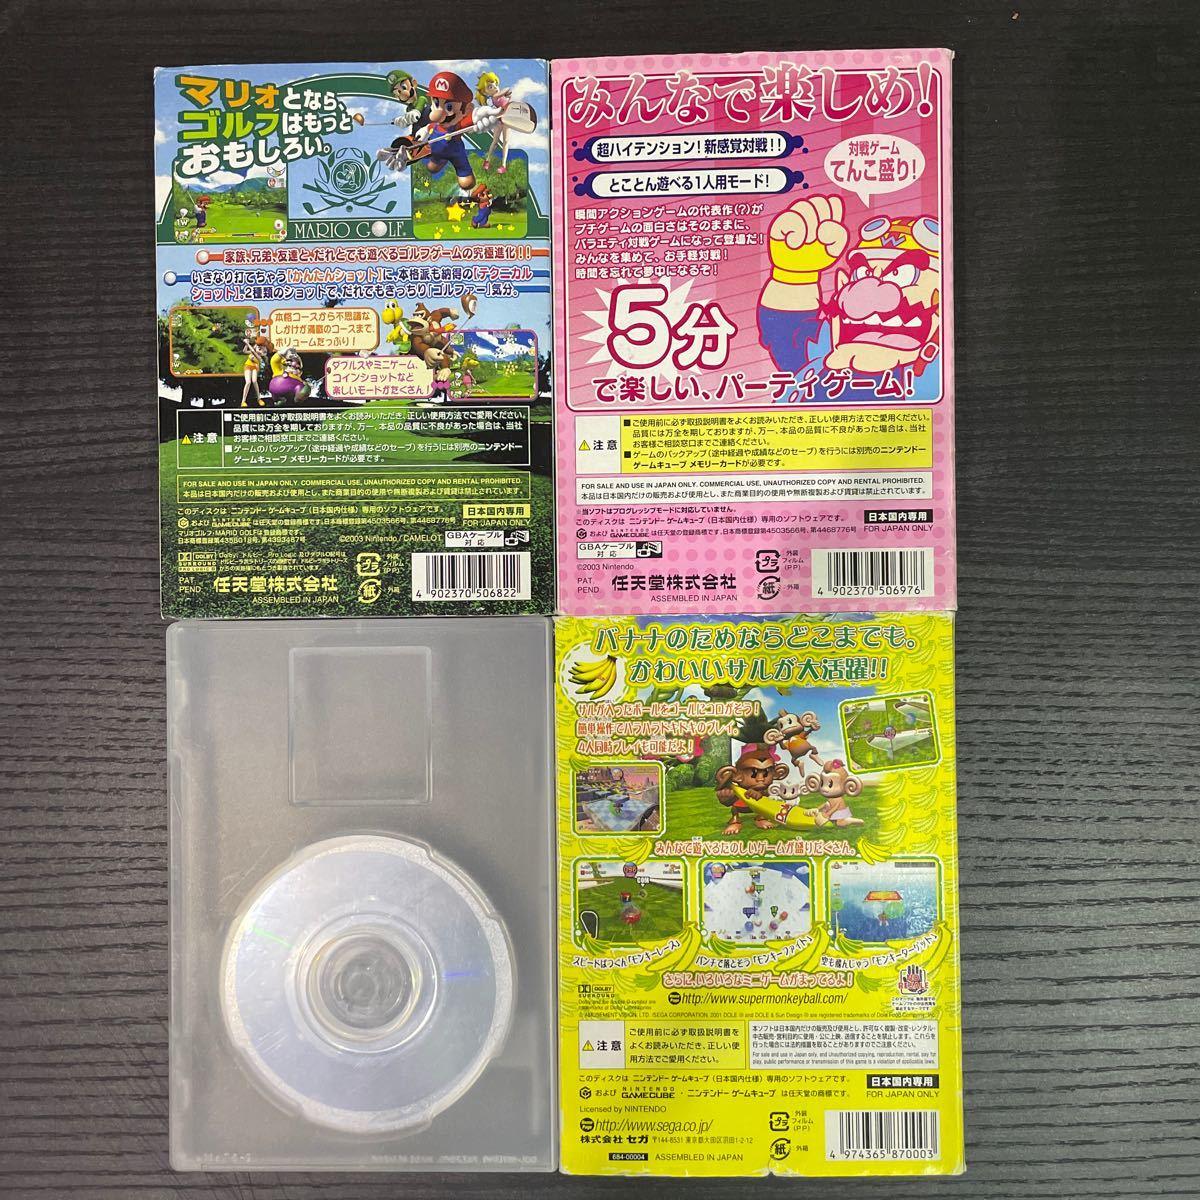 ゲームキューブ 4つセット